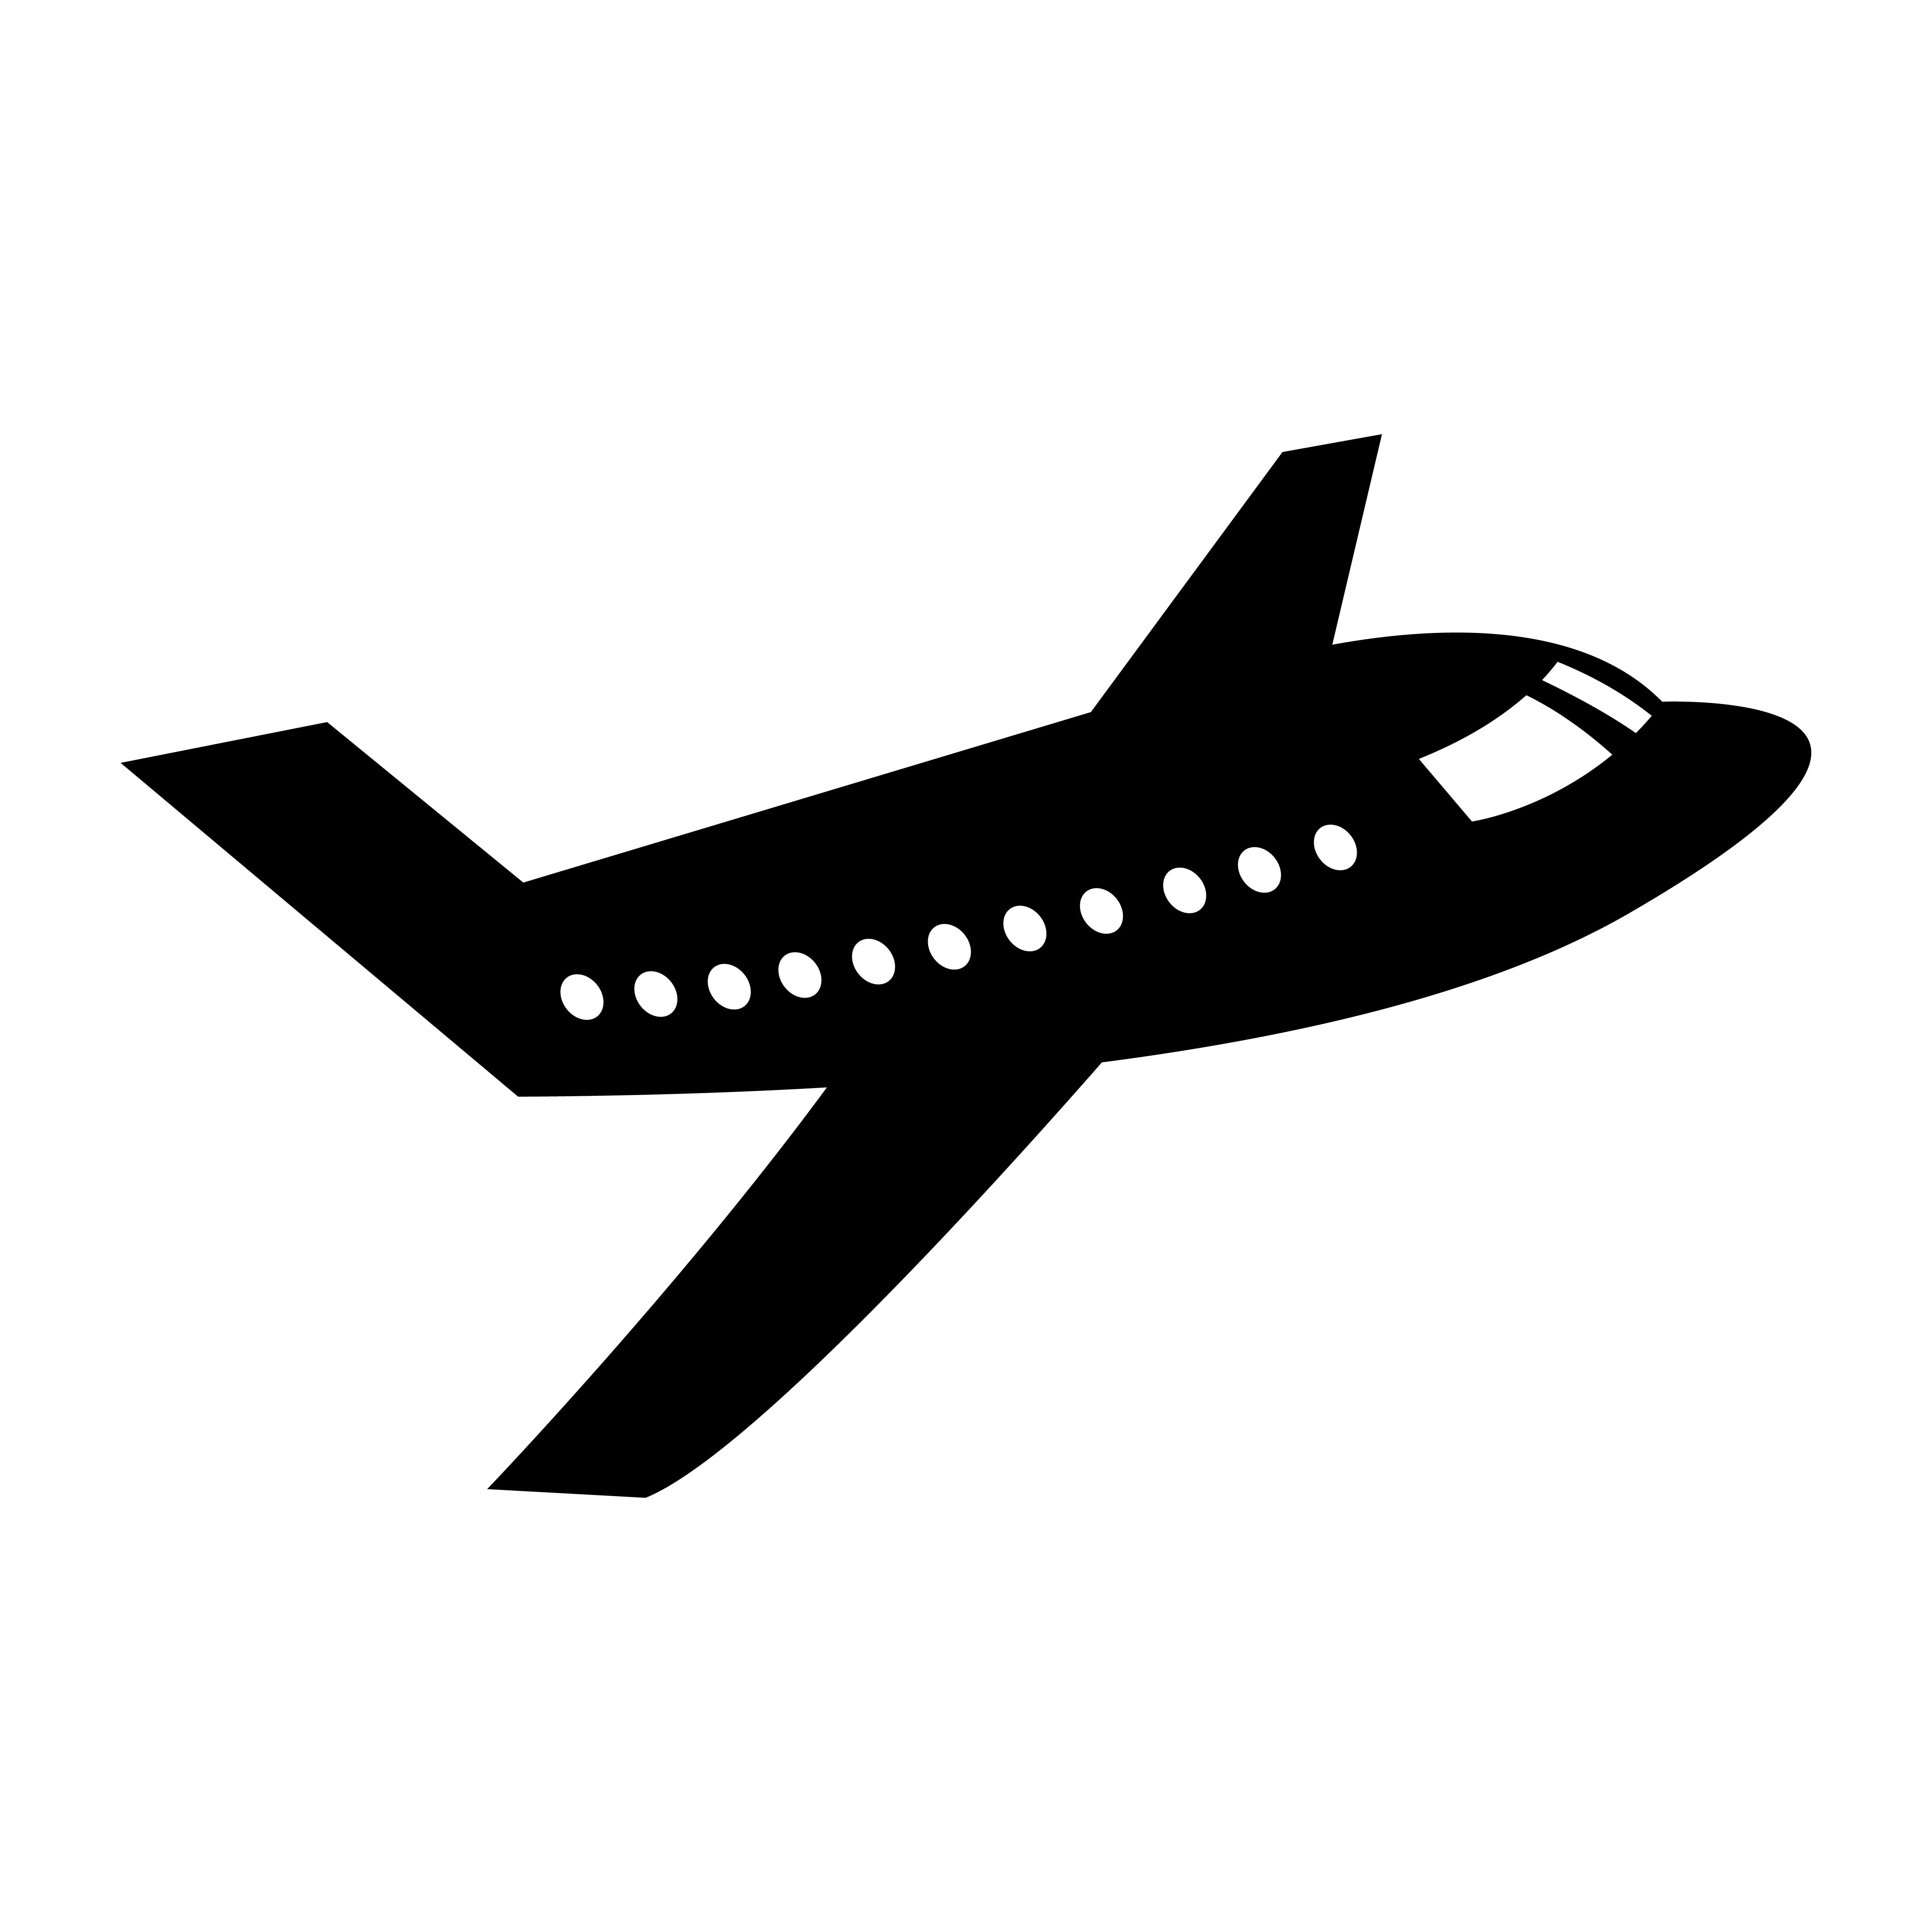 飛機剪影 免費下載   天天瘋後製